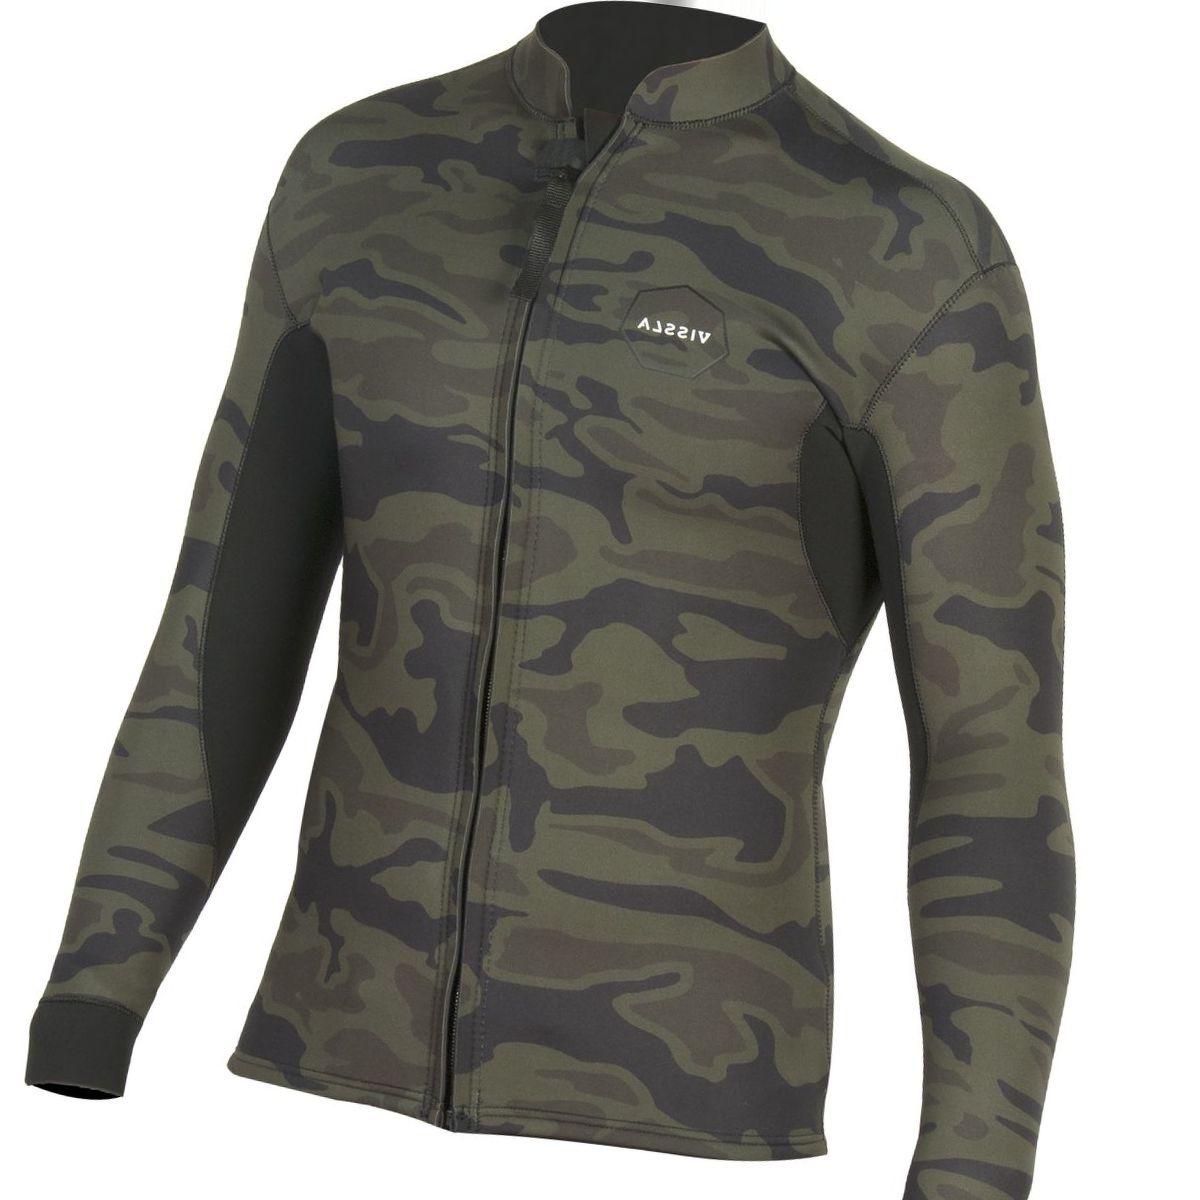 Vissla Front Zip 2mm Jacket - Men's